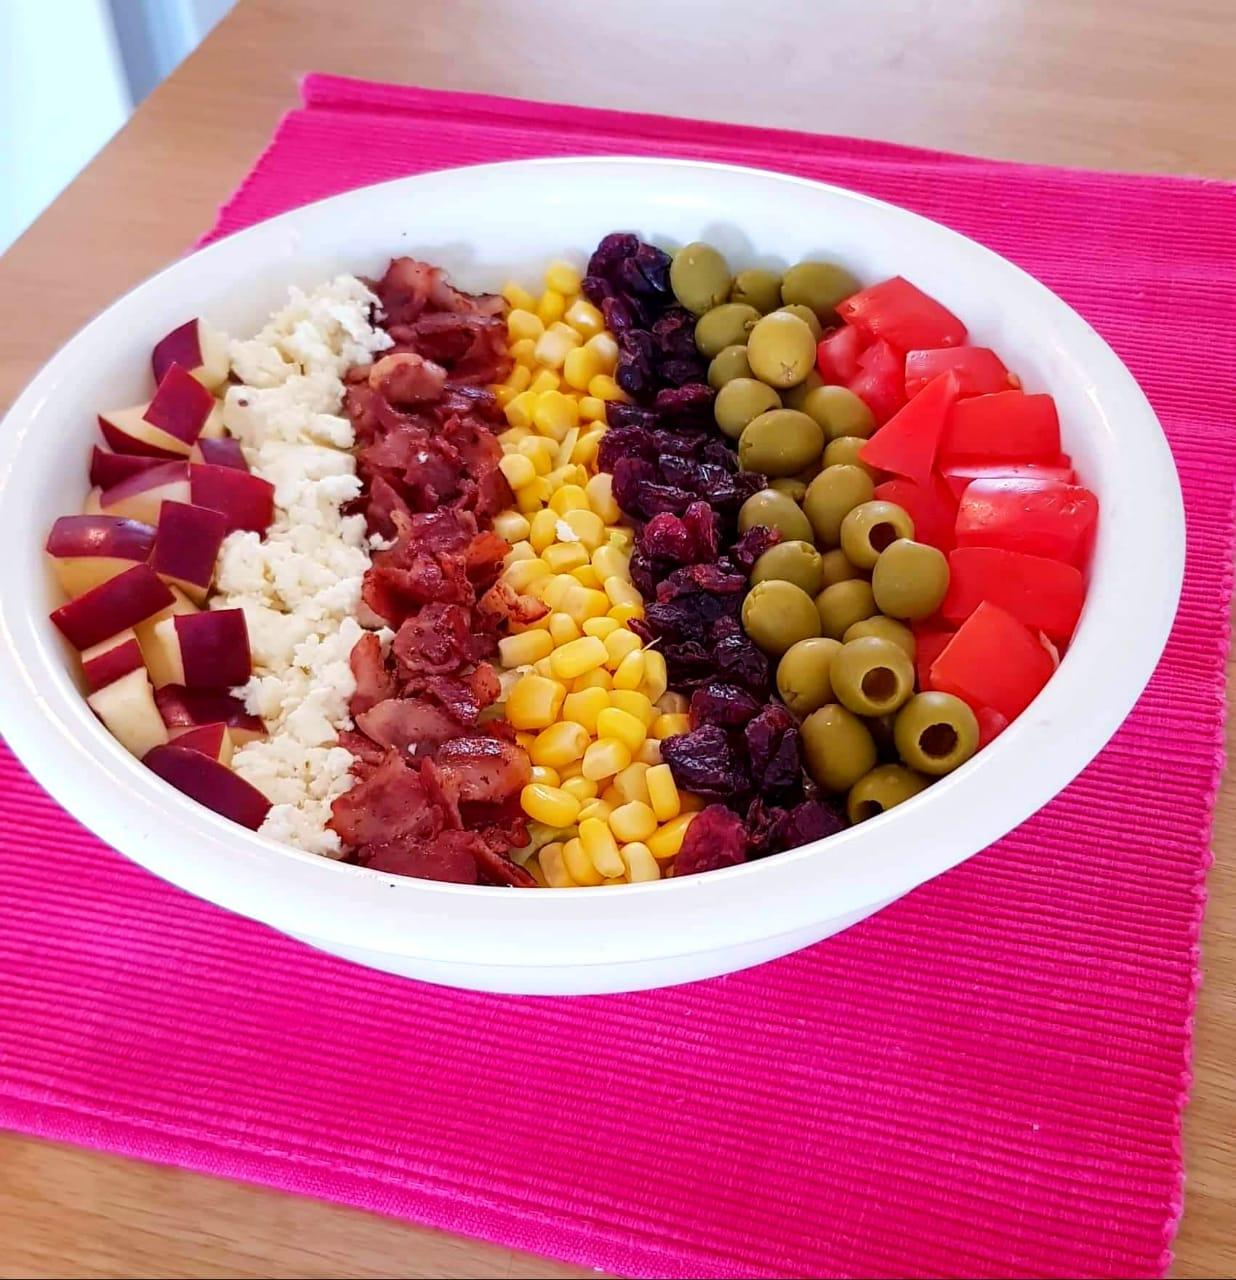 Summar Salad